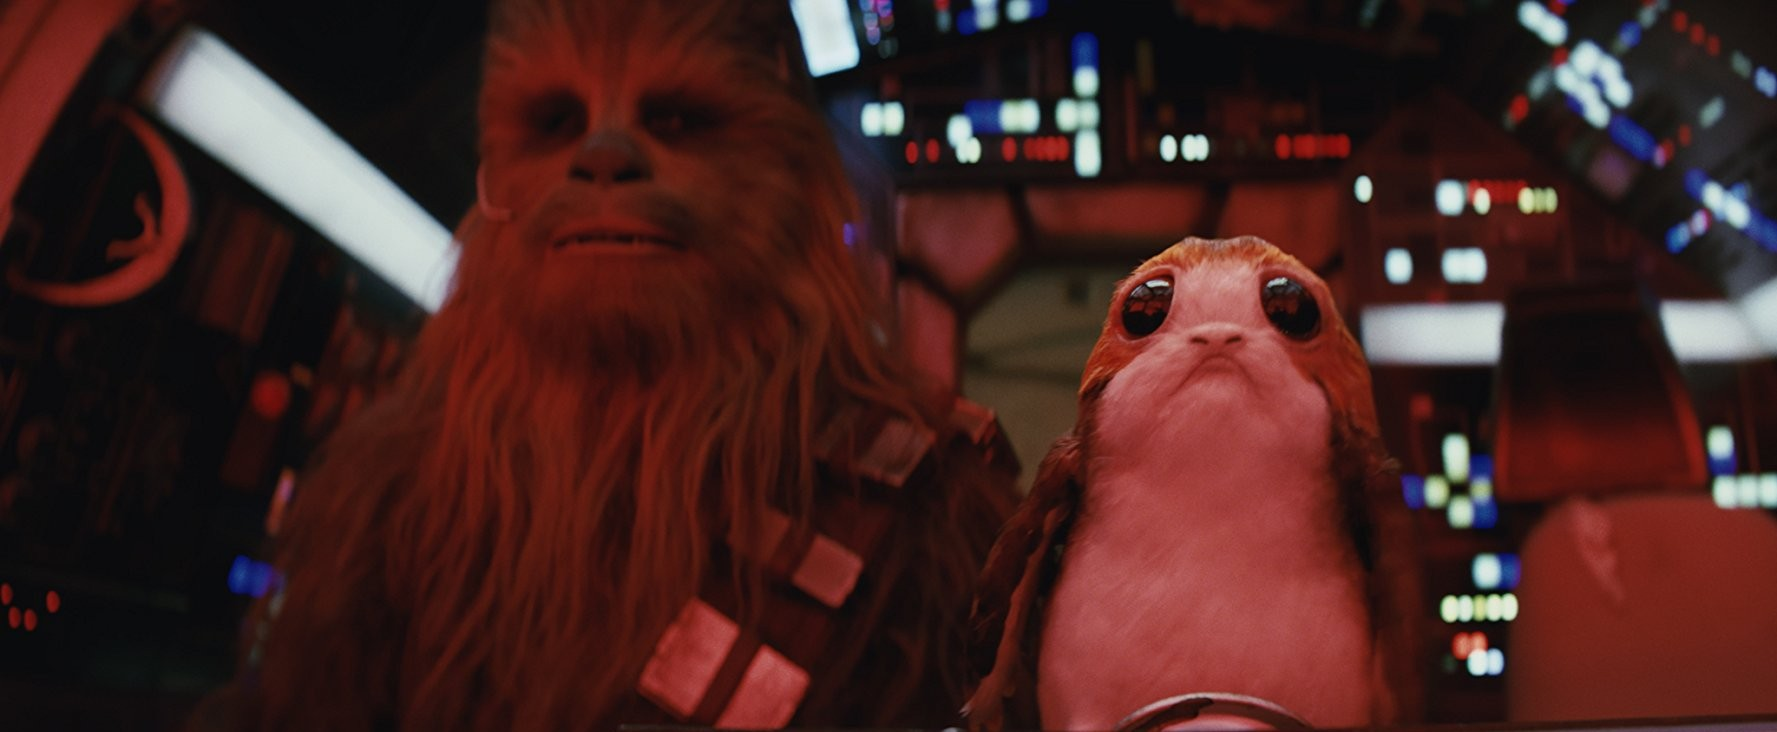 Cine Passeio tem exibição gratuita de Star Wars em outubro